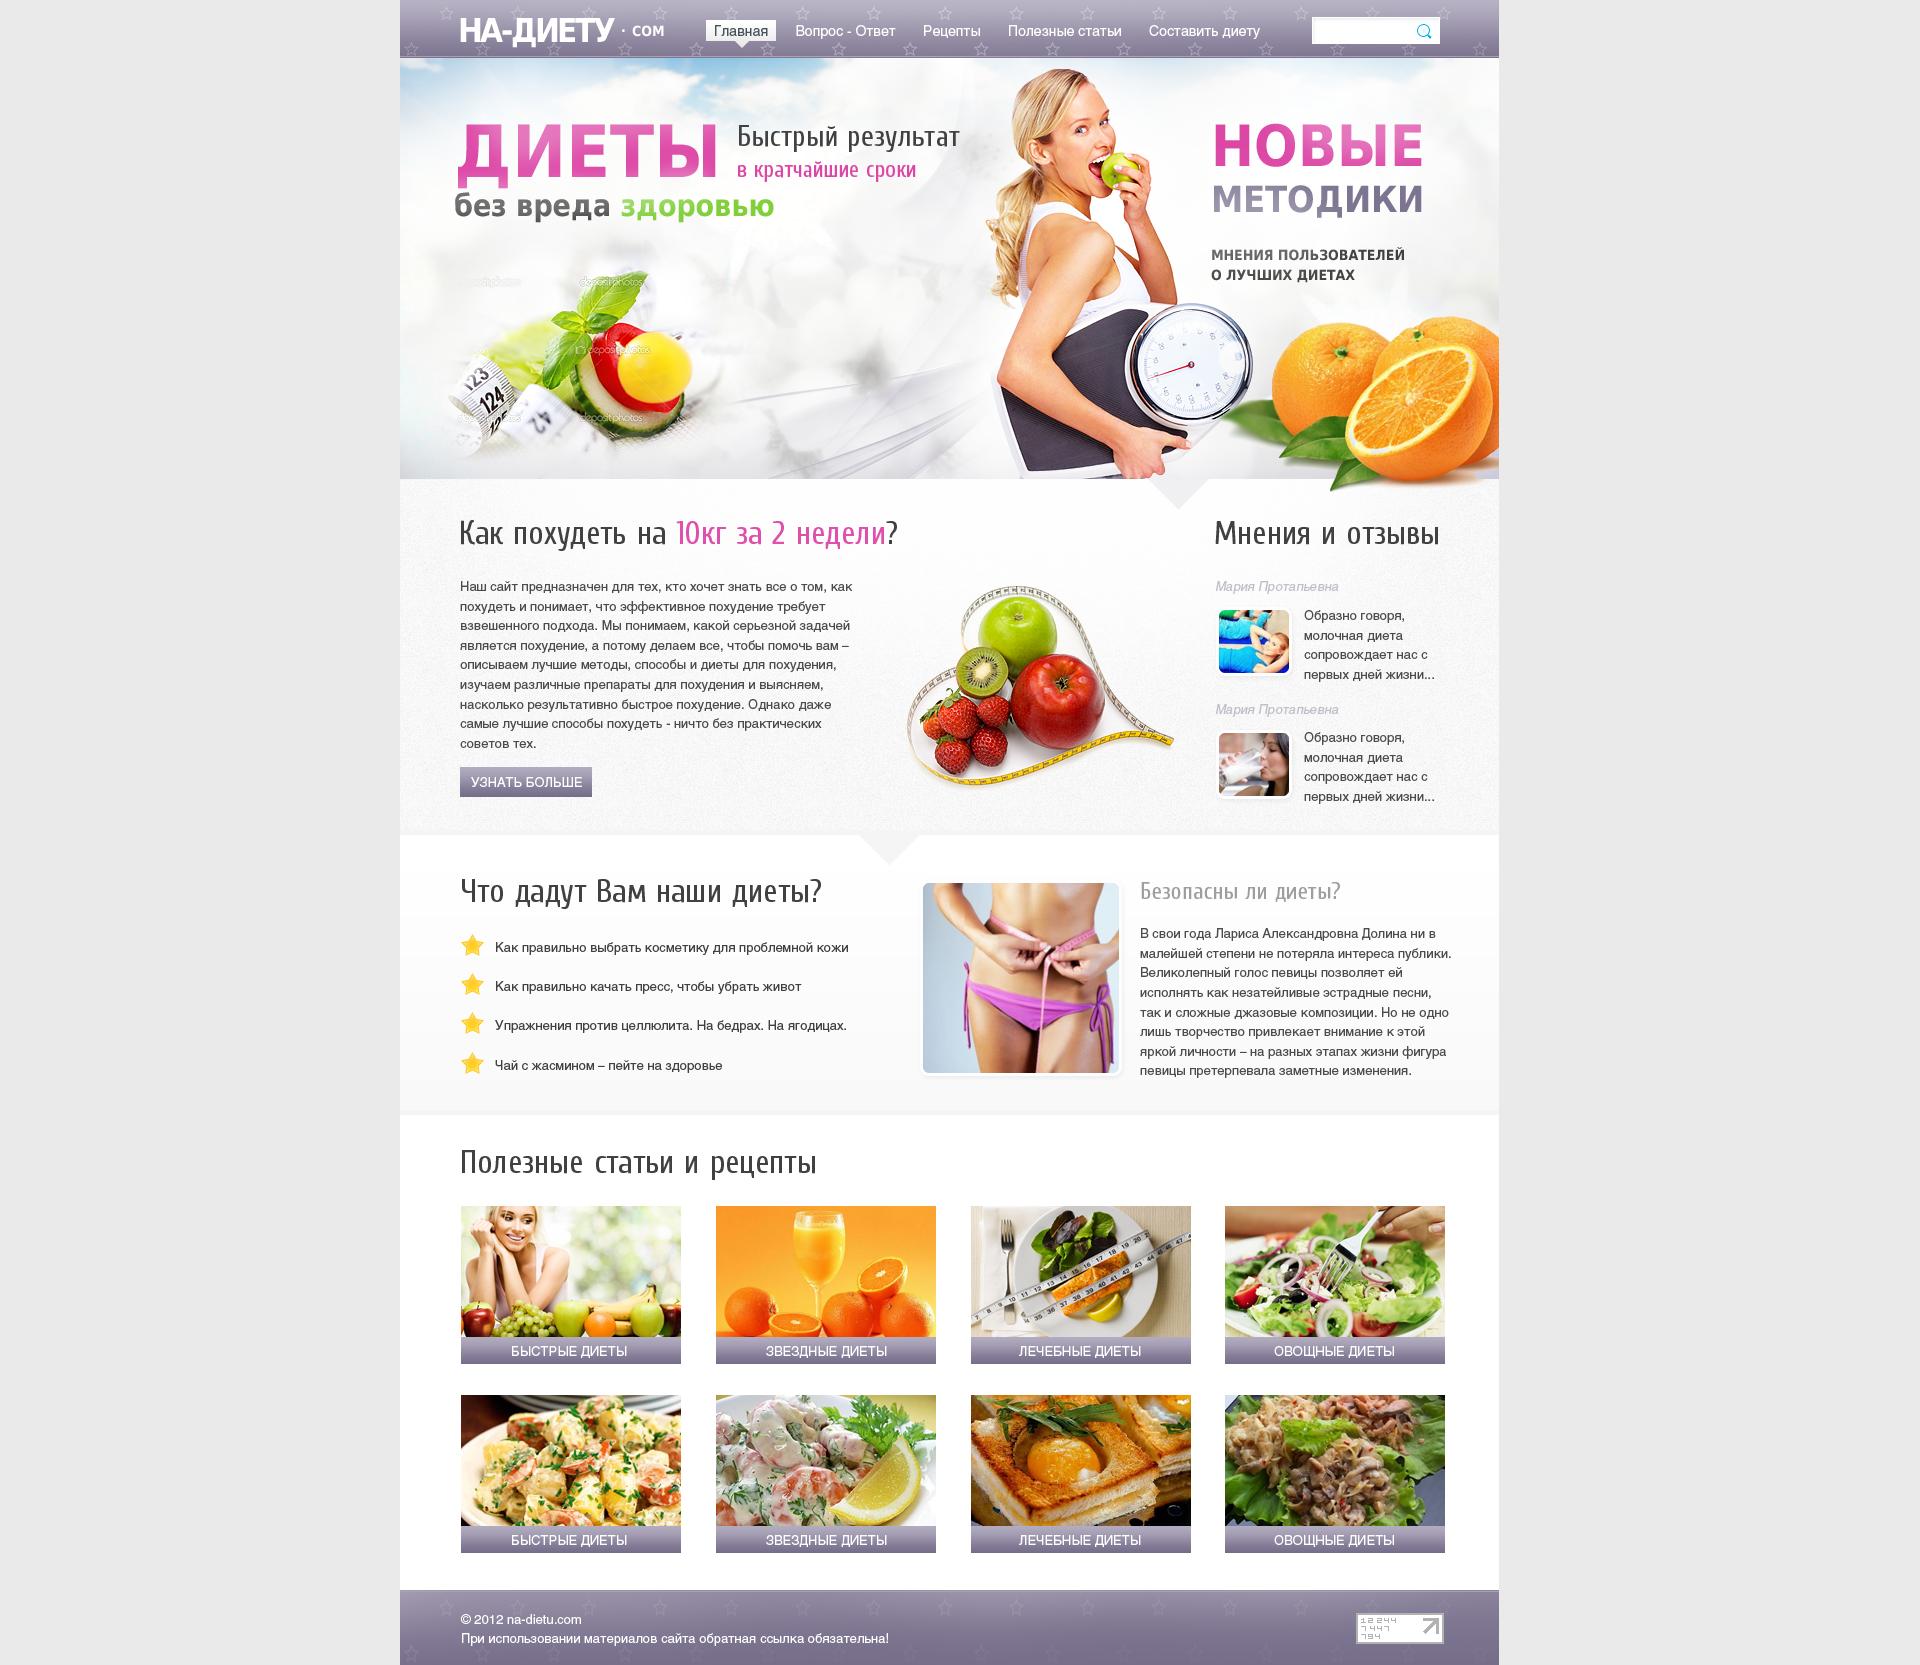 Рецепты Хороших Эффективных Диет. Самые эффективные диеты для похудения в домашних условиях: меню и отзывы